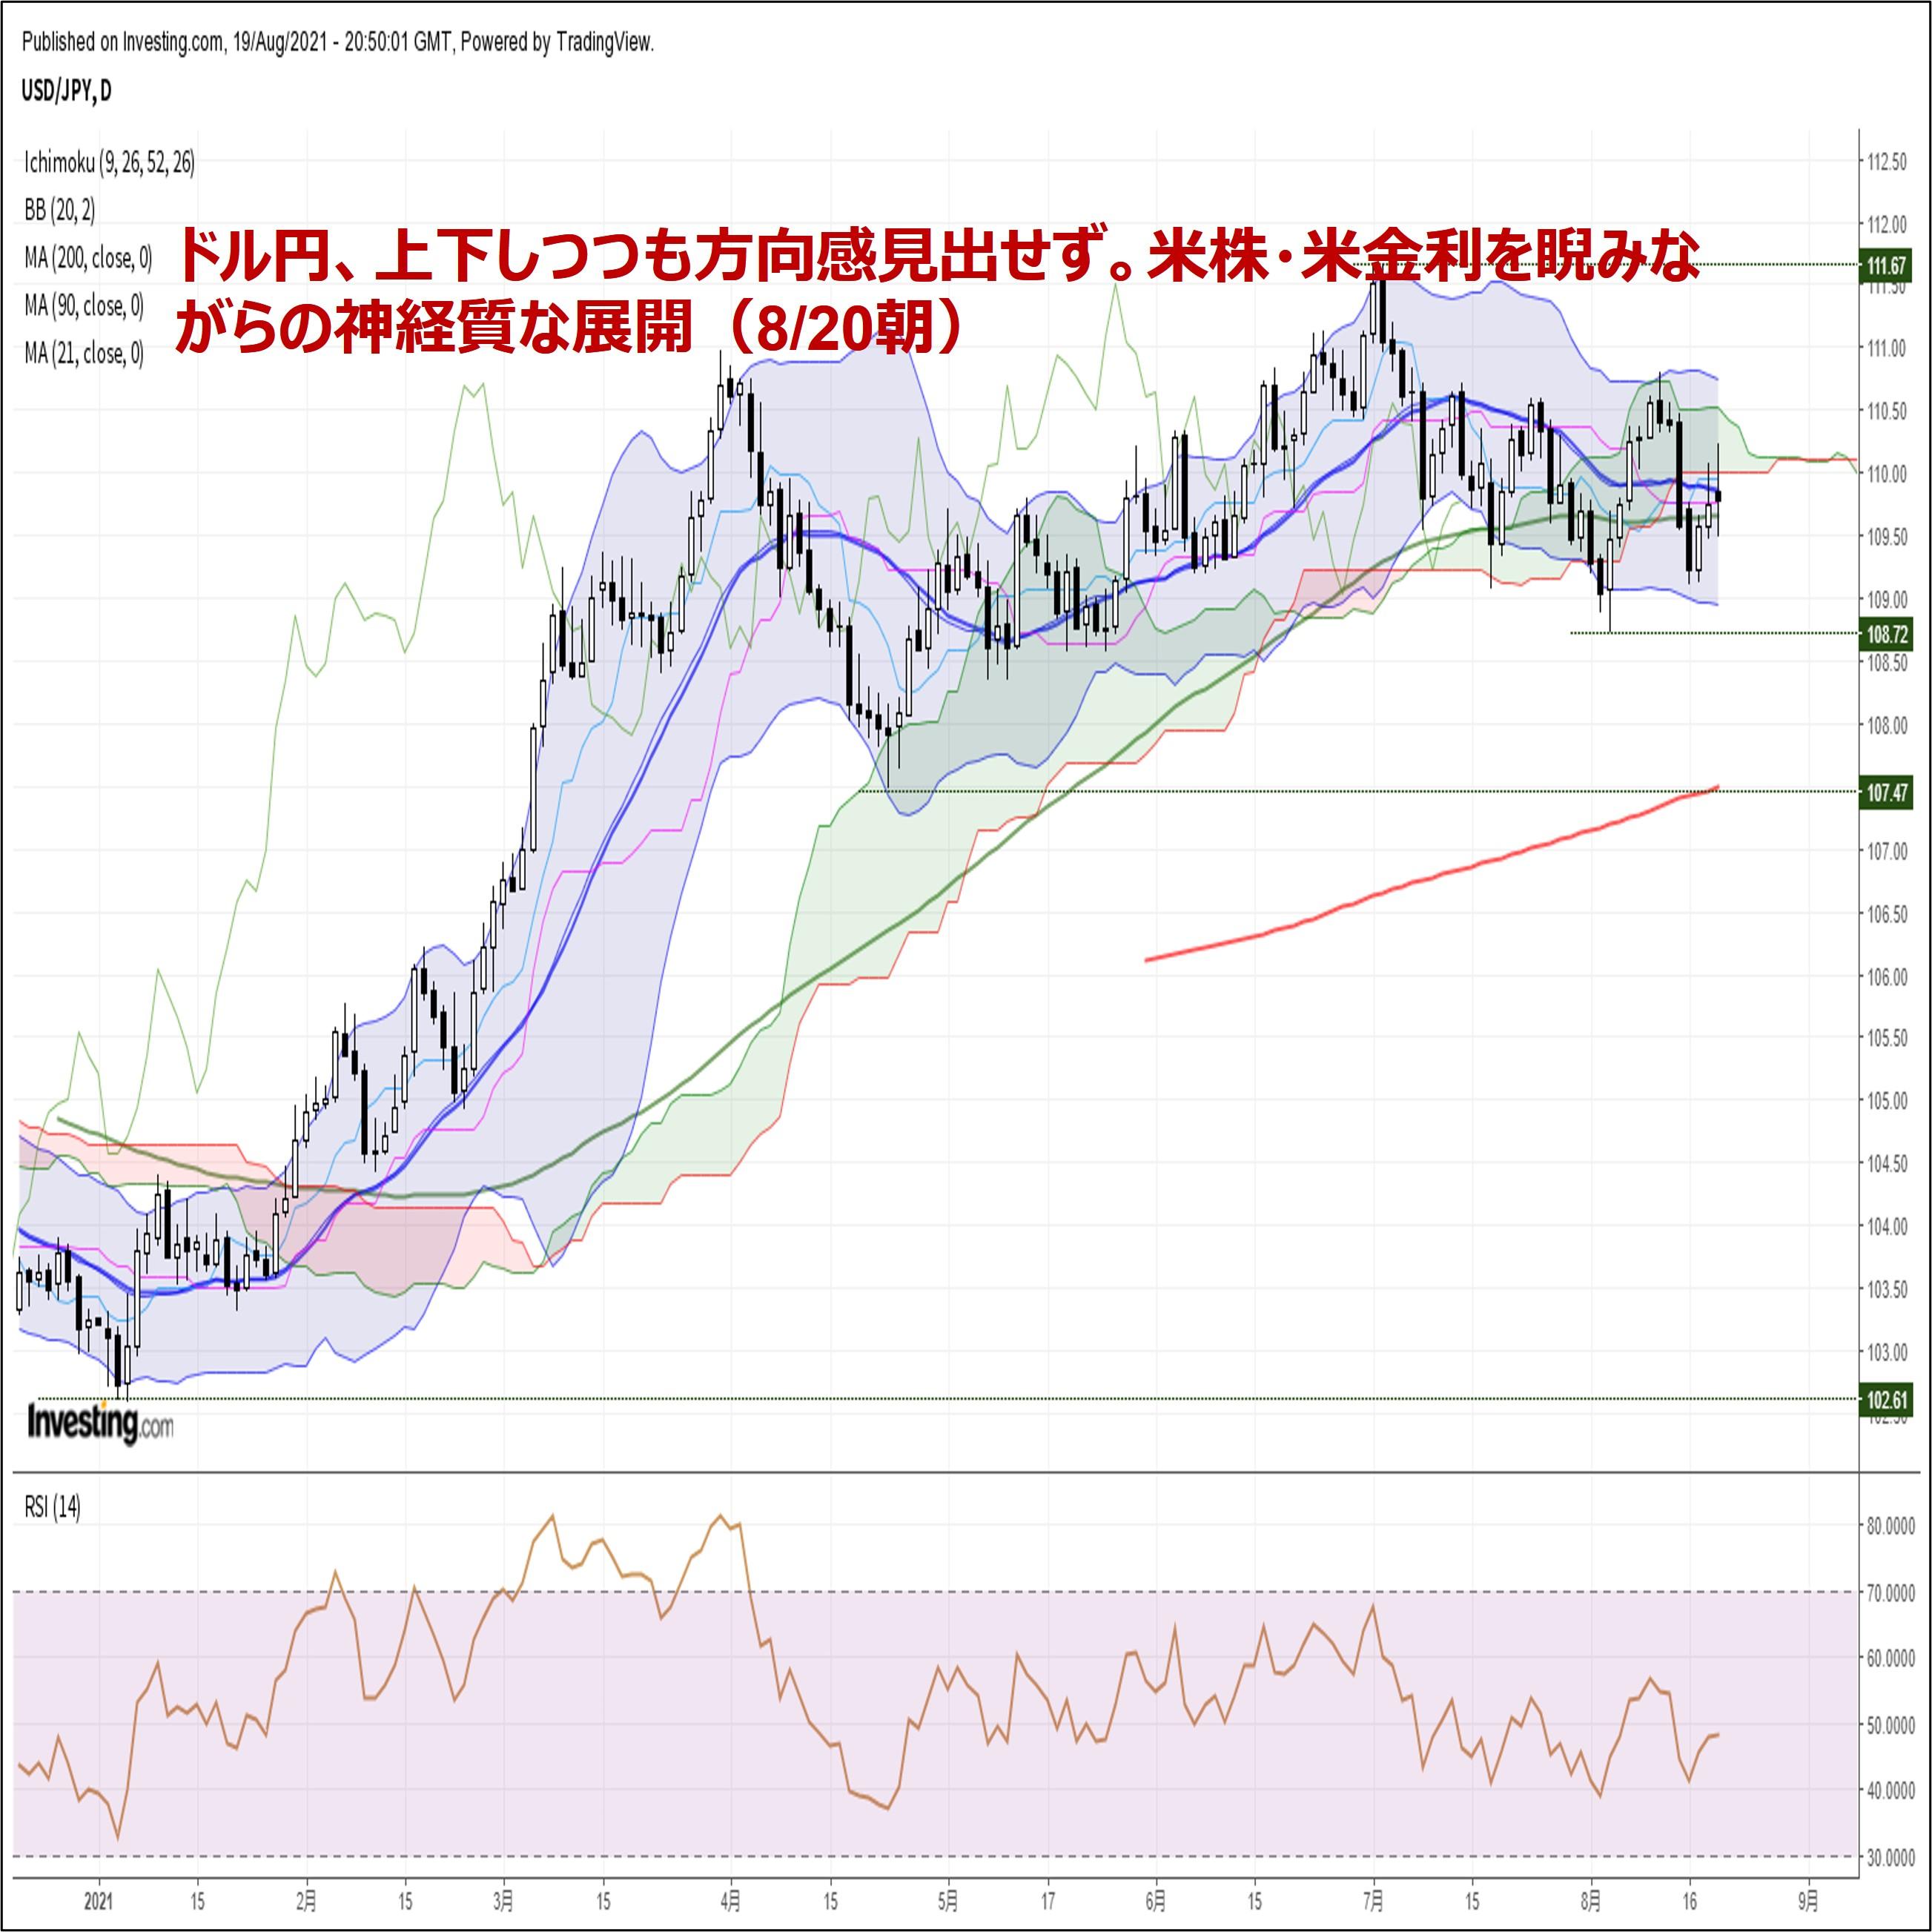 ドル円、上下しつつも方向感見出せず。米株・米金利を睨みながらの神経質な展開(8/20朝)